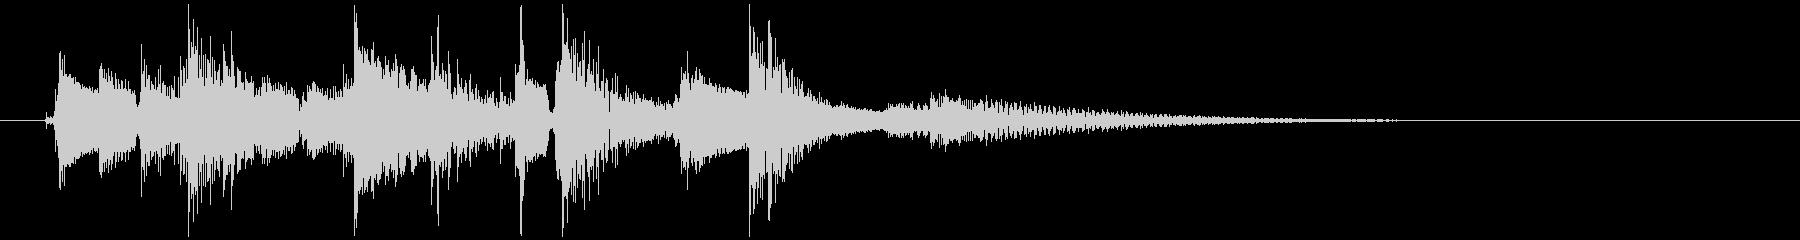 ラグタイムギターによるジングルの未再生の波形